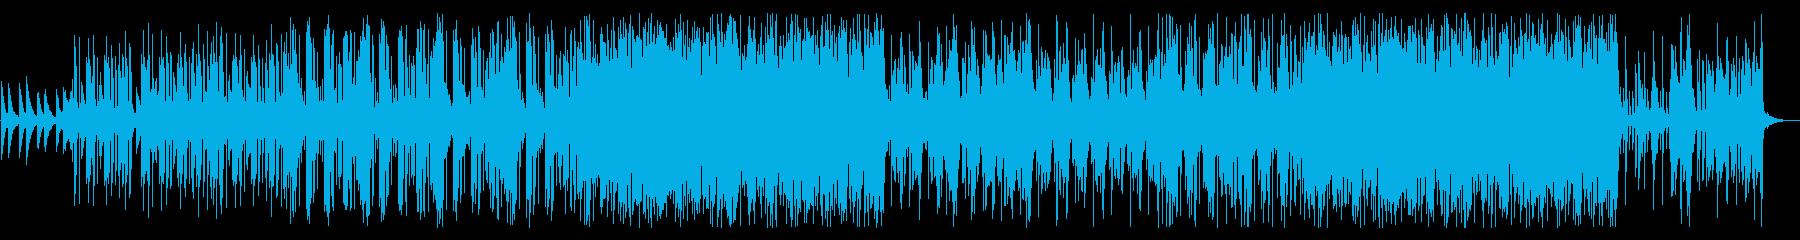 ミドルテンポのEDMトラックの再生済みの波形